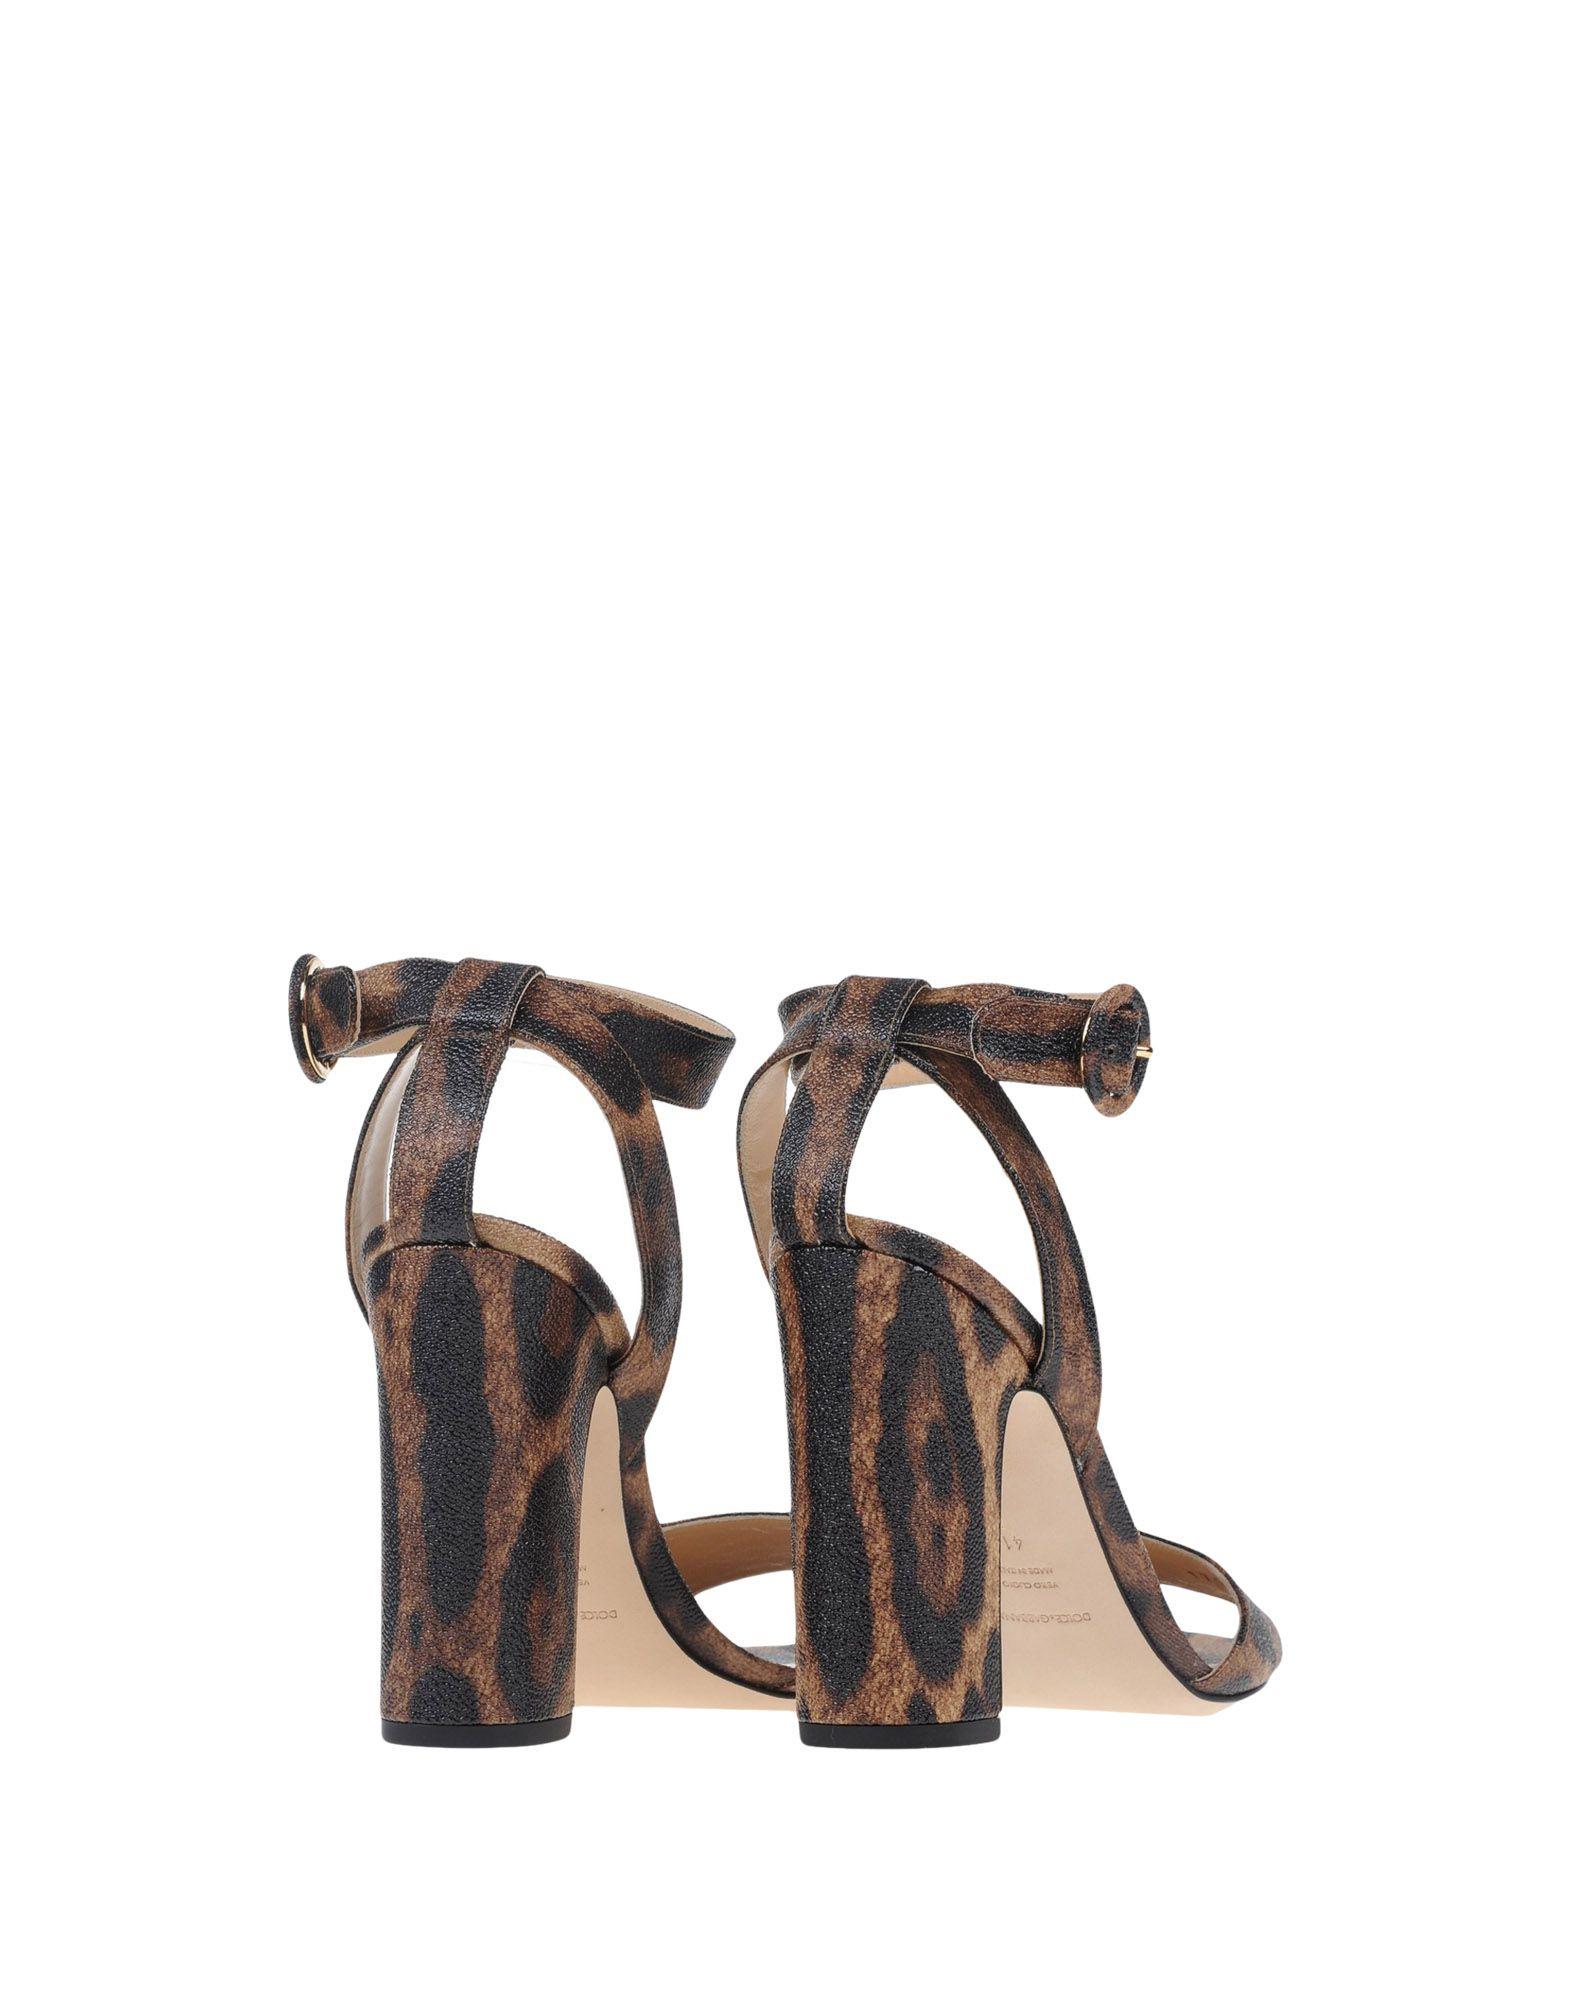 Dolce & Gabbana Sandalen Neue Damen  11043679VA Neue Sandalen Schuhe 02b8b0